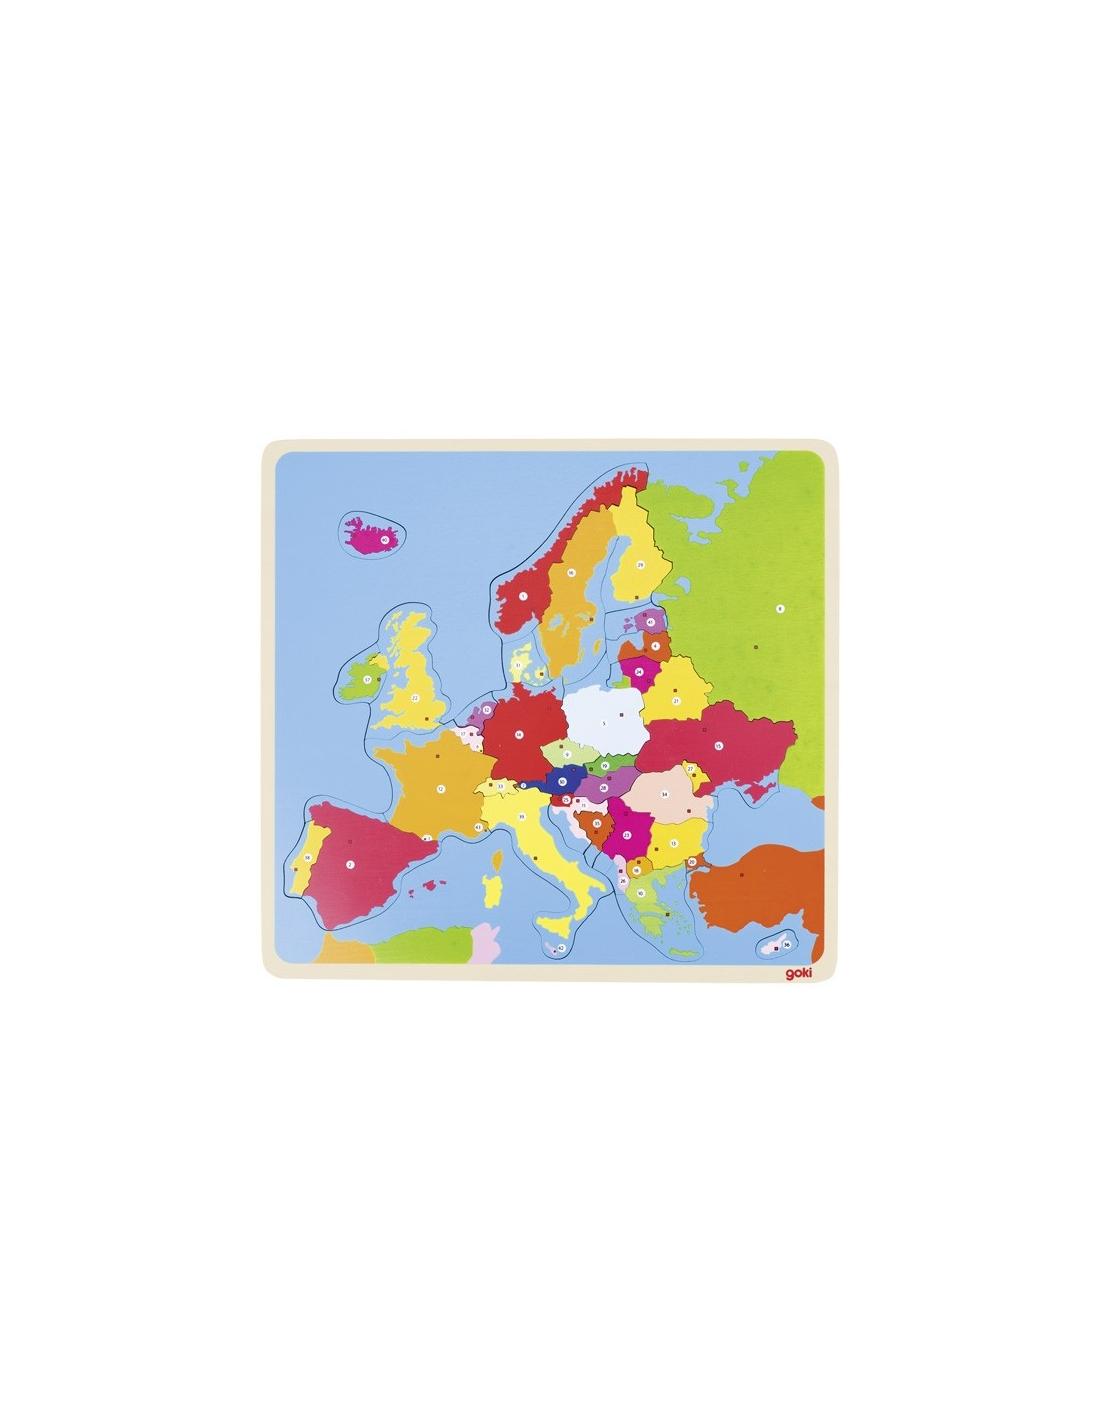 Carte De Leurope Jeux Educatifs.Carte Europe Goki Apprendre Les Pays Capitale Jeu Educatif Puzzle Bois